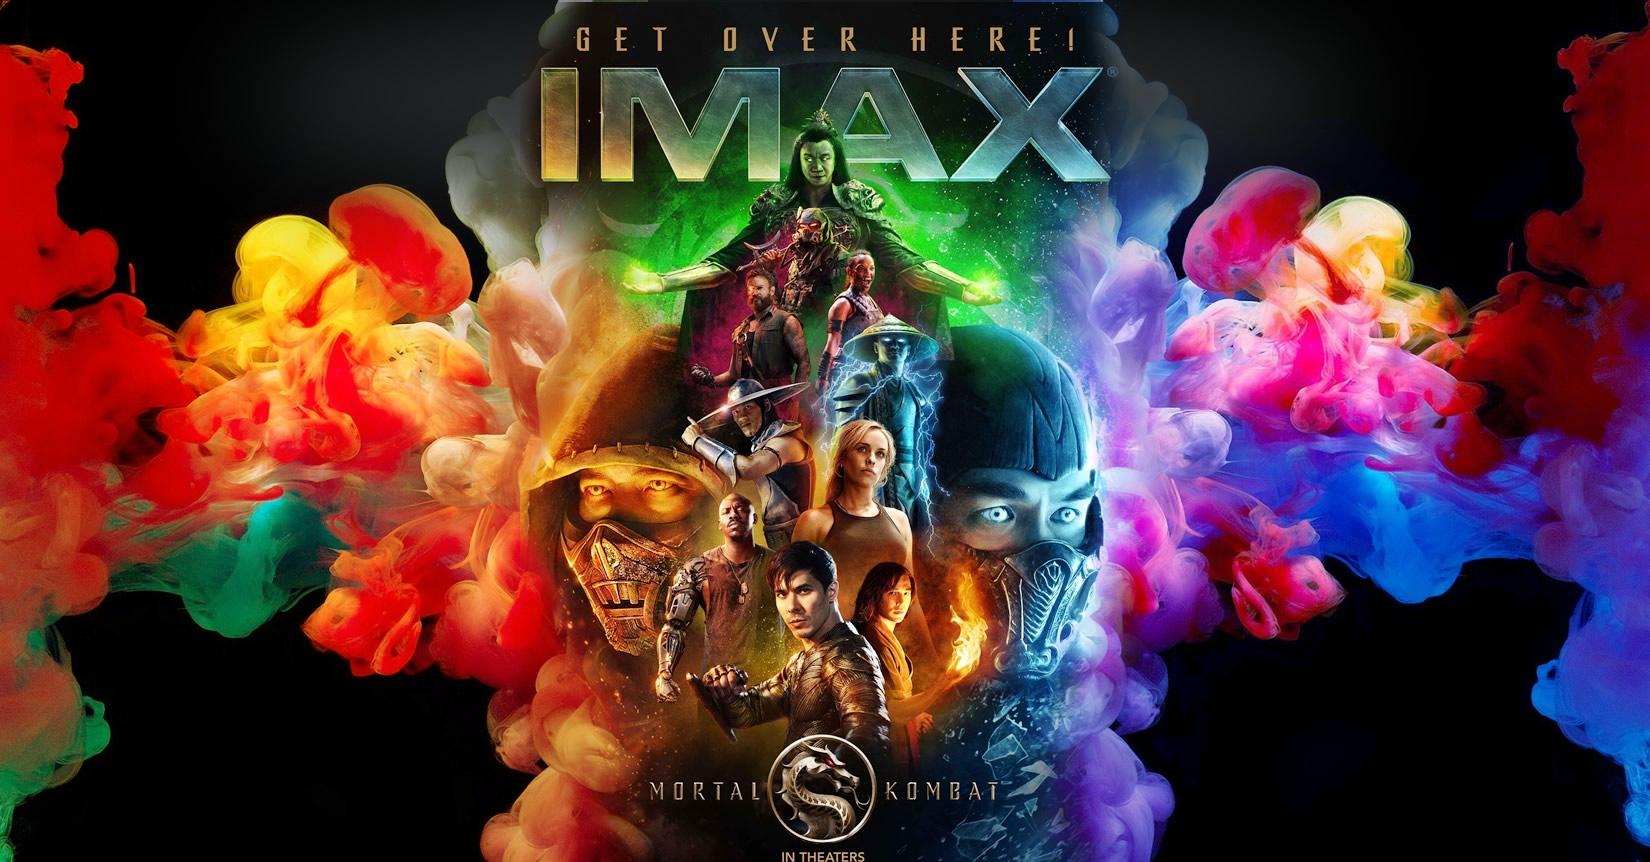 Mortal Kombat | Novo pôster com todos personagens para lançamento em IMAX